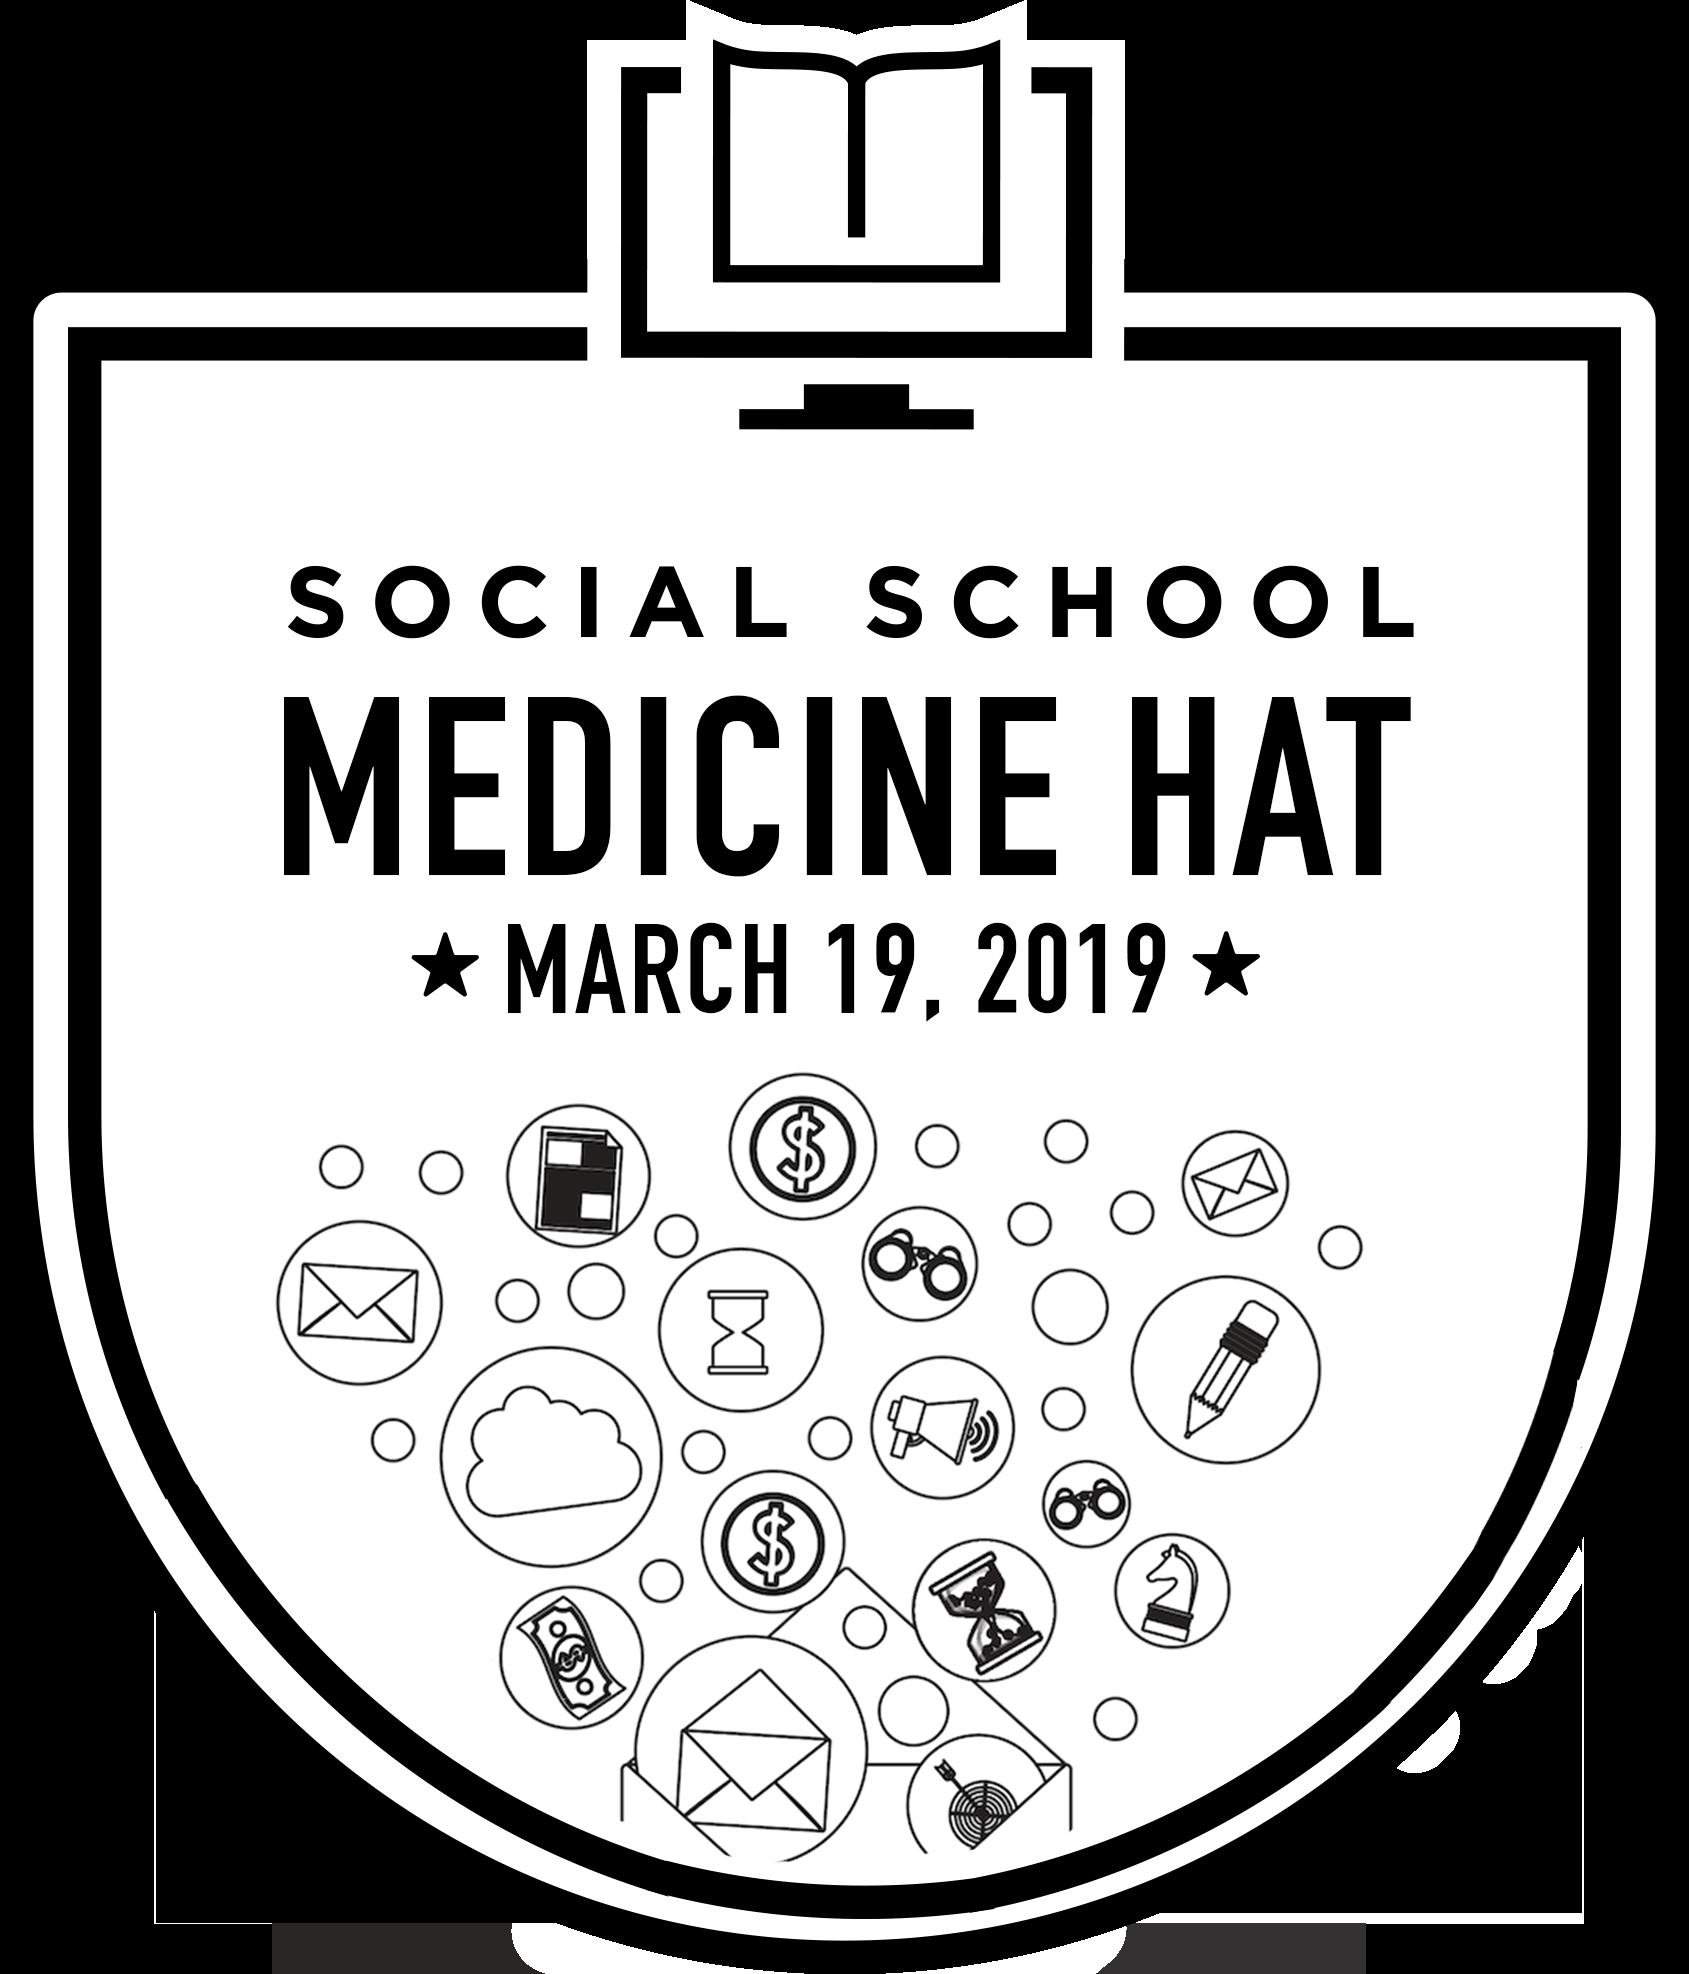 Social School Medicine Hat